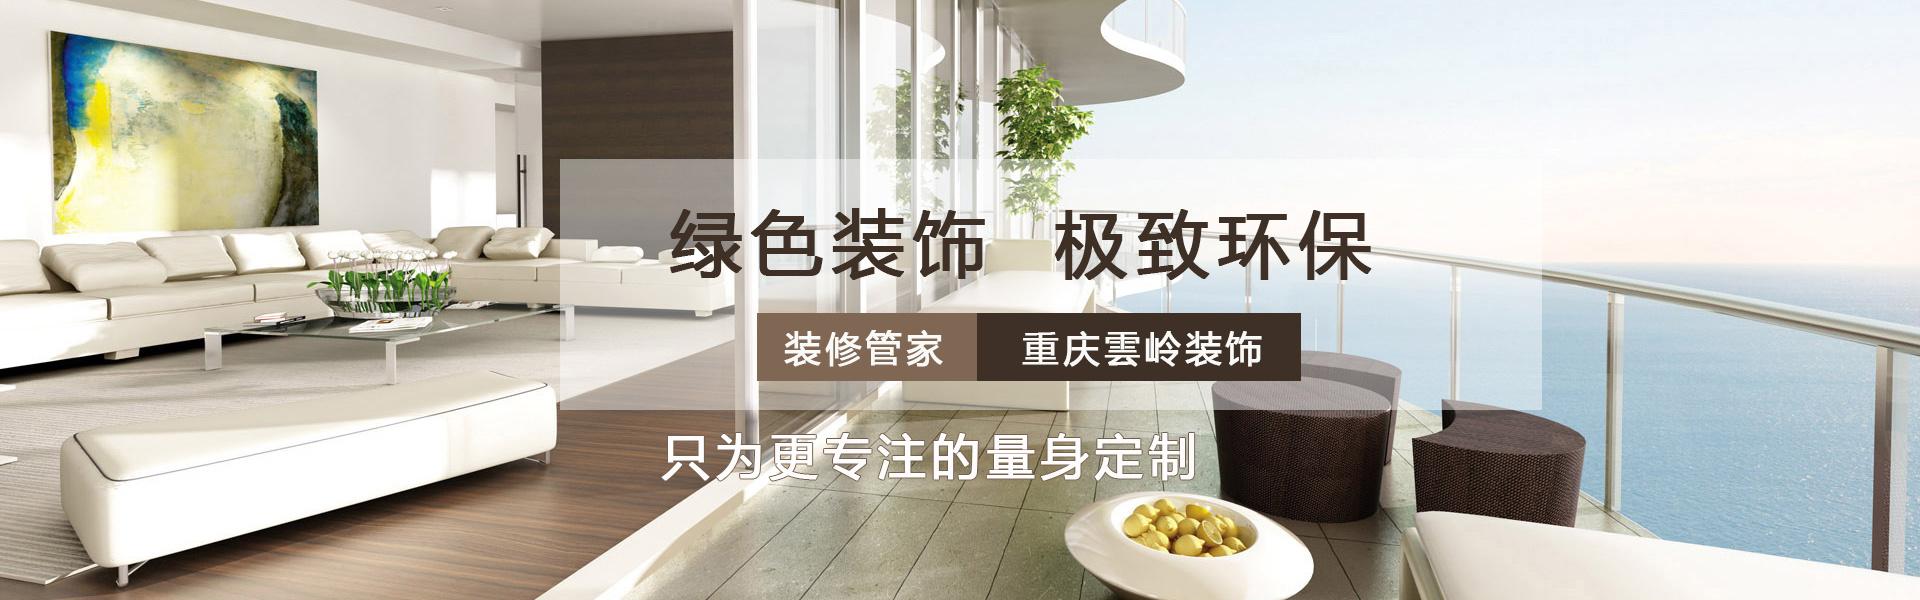 重庆别墅装修公司,别墅装饰设计案例图banner图